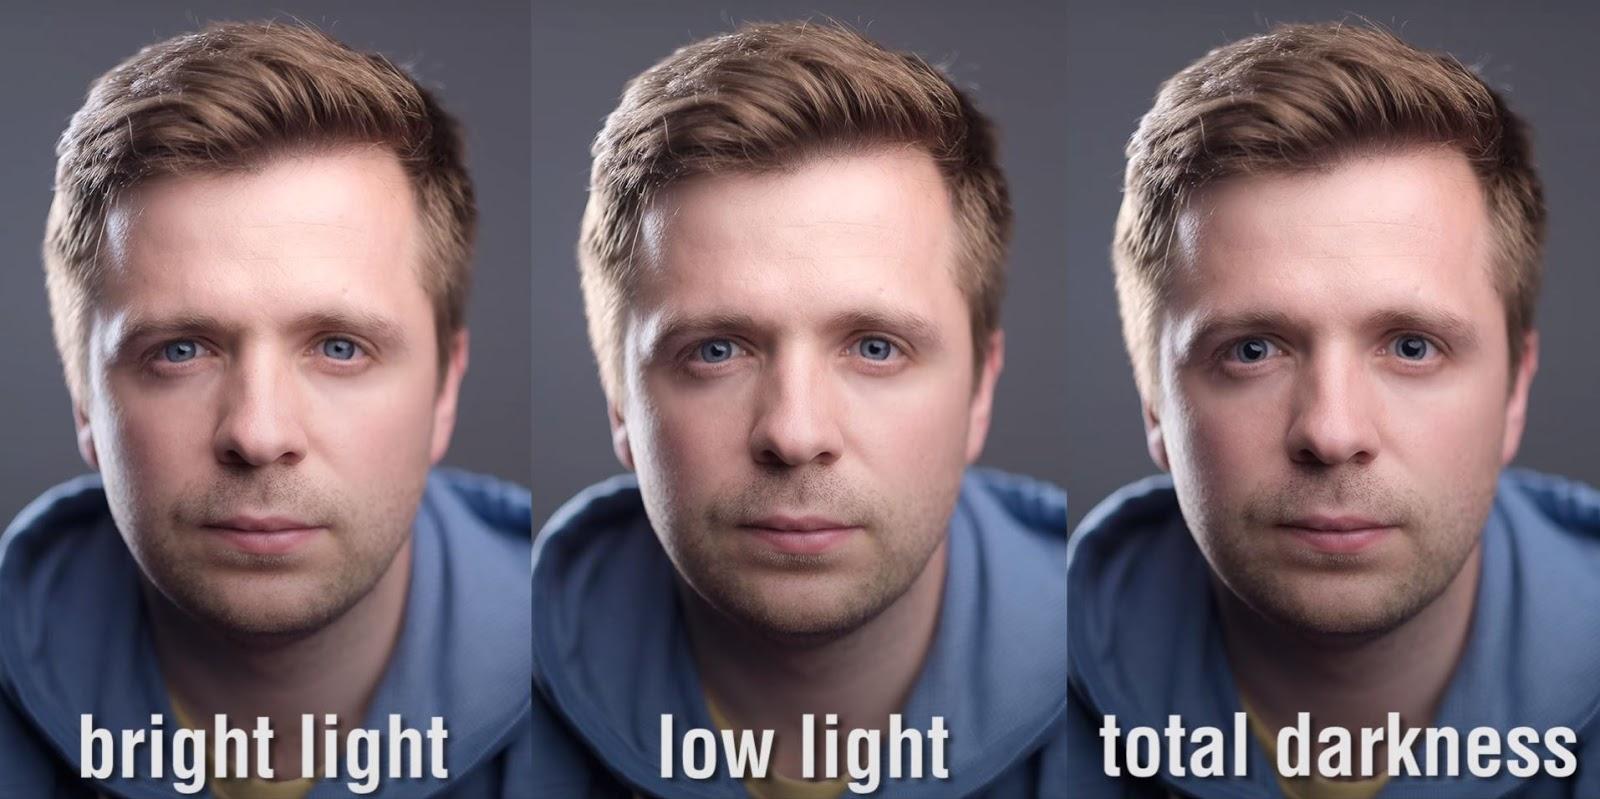 ポートレート 瞳孔の大きさ